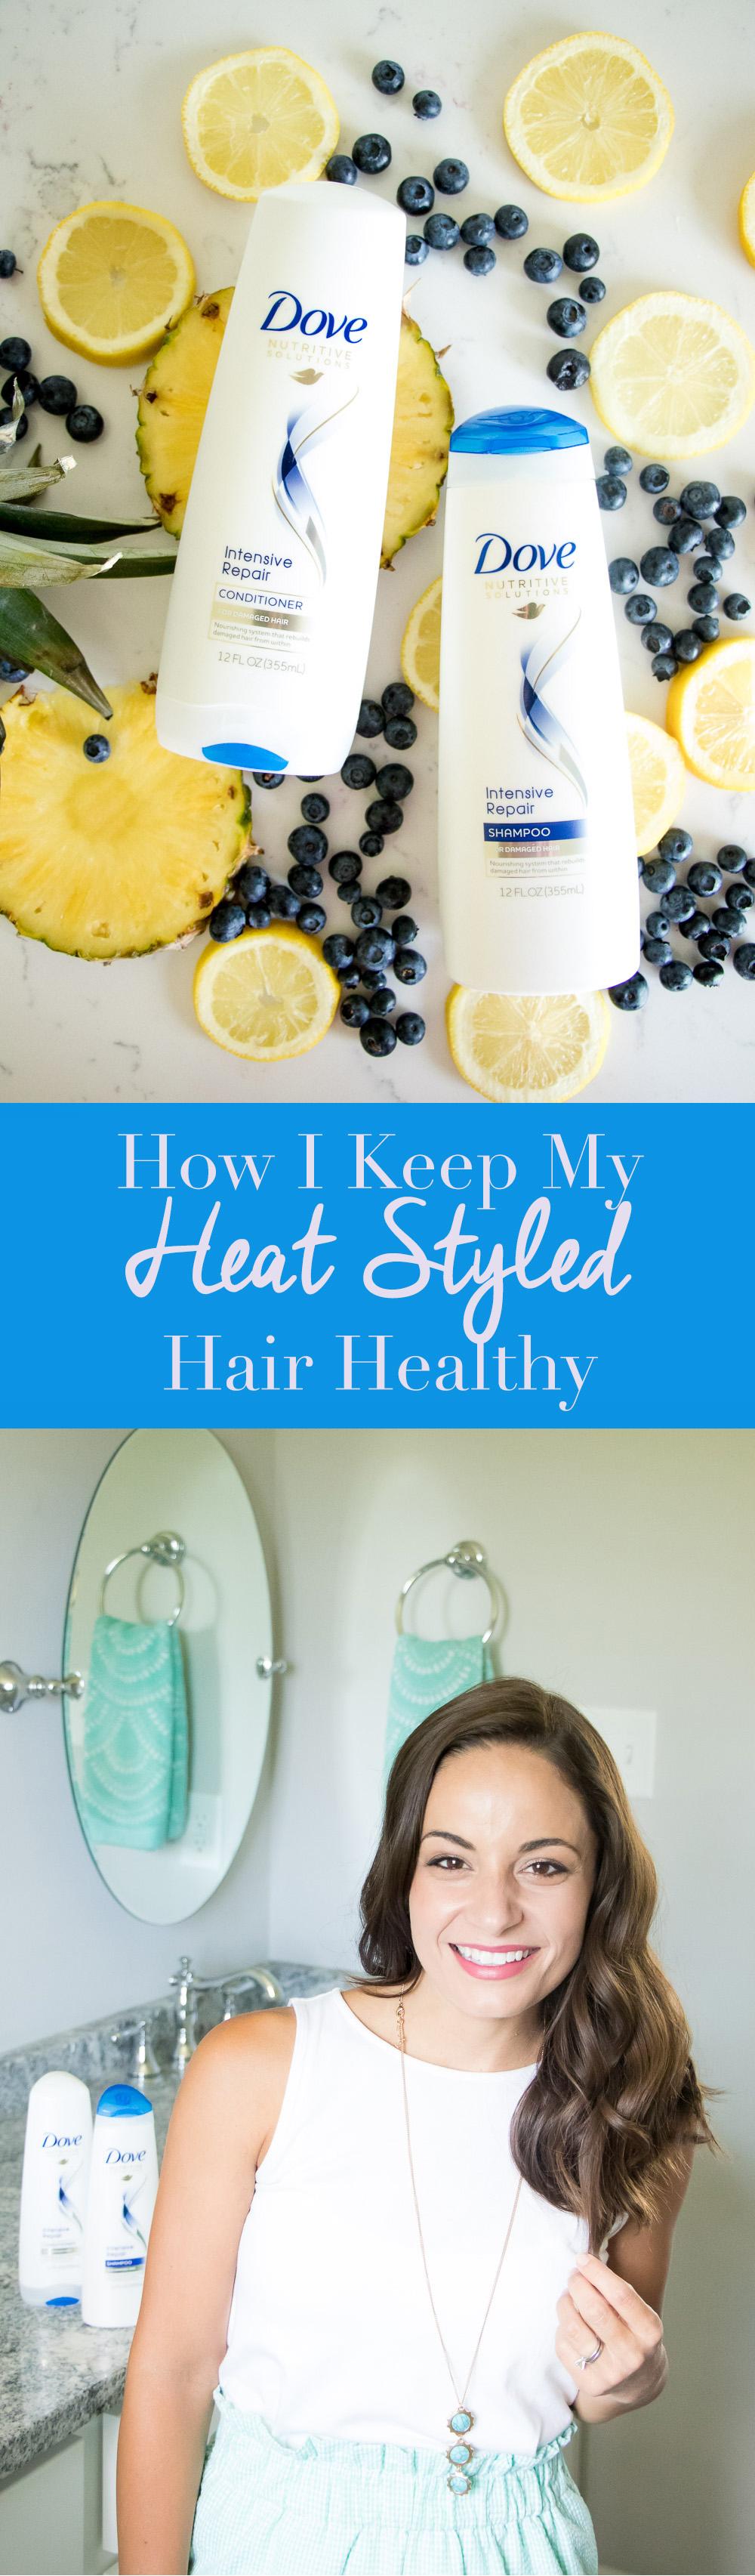 How I Keep My Heat Styled Hair Healthy